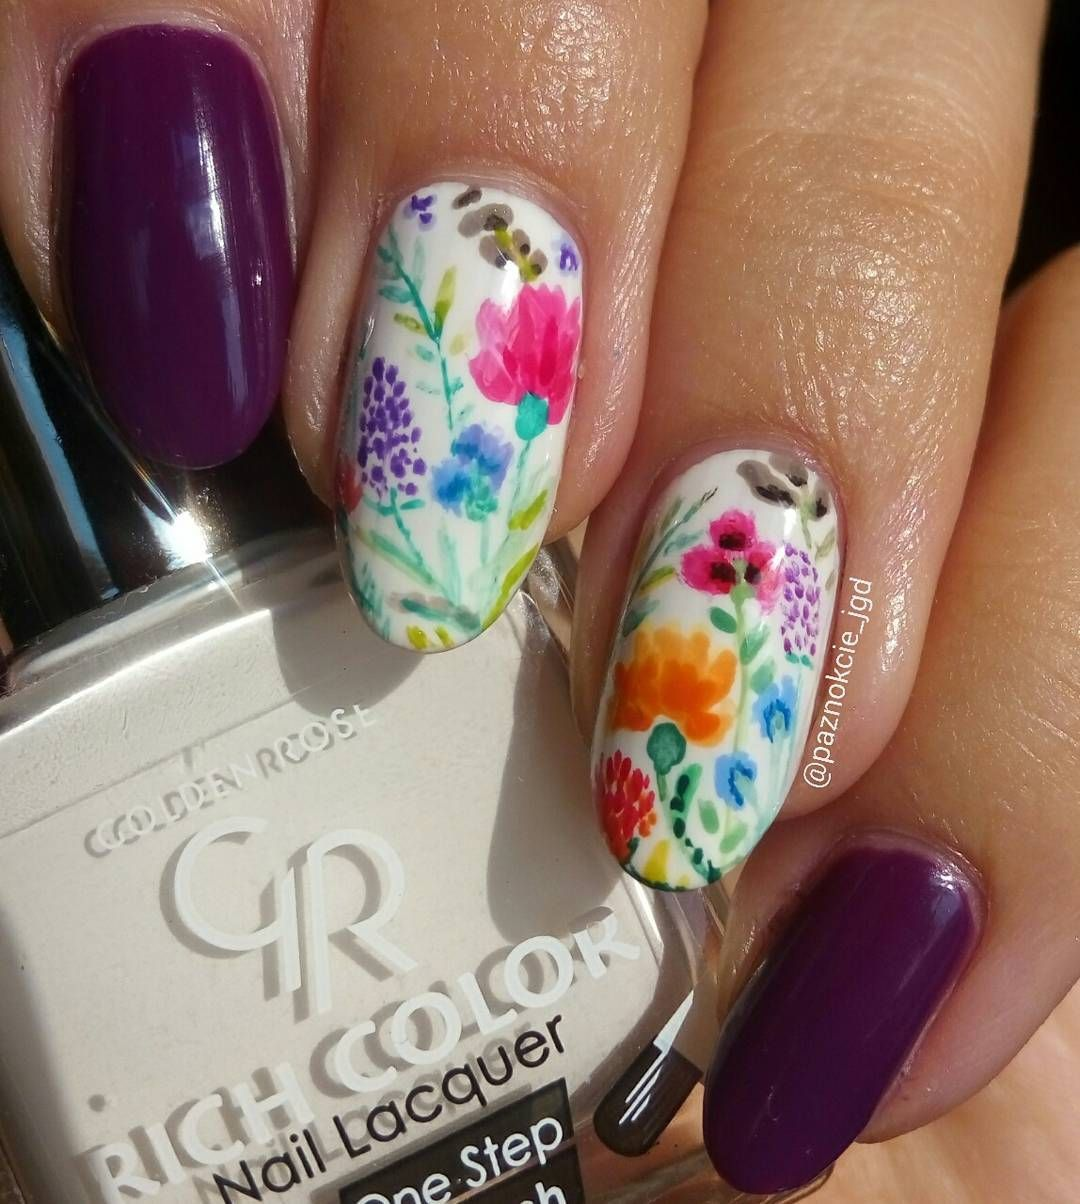 Polubienia 282 Komentarze 28 Jagoda Paznokcie Jgd Na Instagramie Flower Pattern Kwiatowy Desen Pazn Flower Nails Flower Nail Art Nails